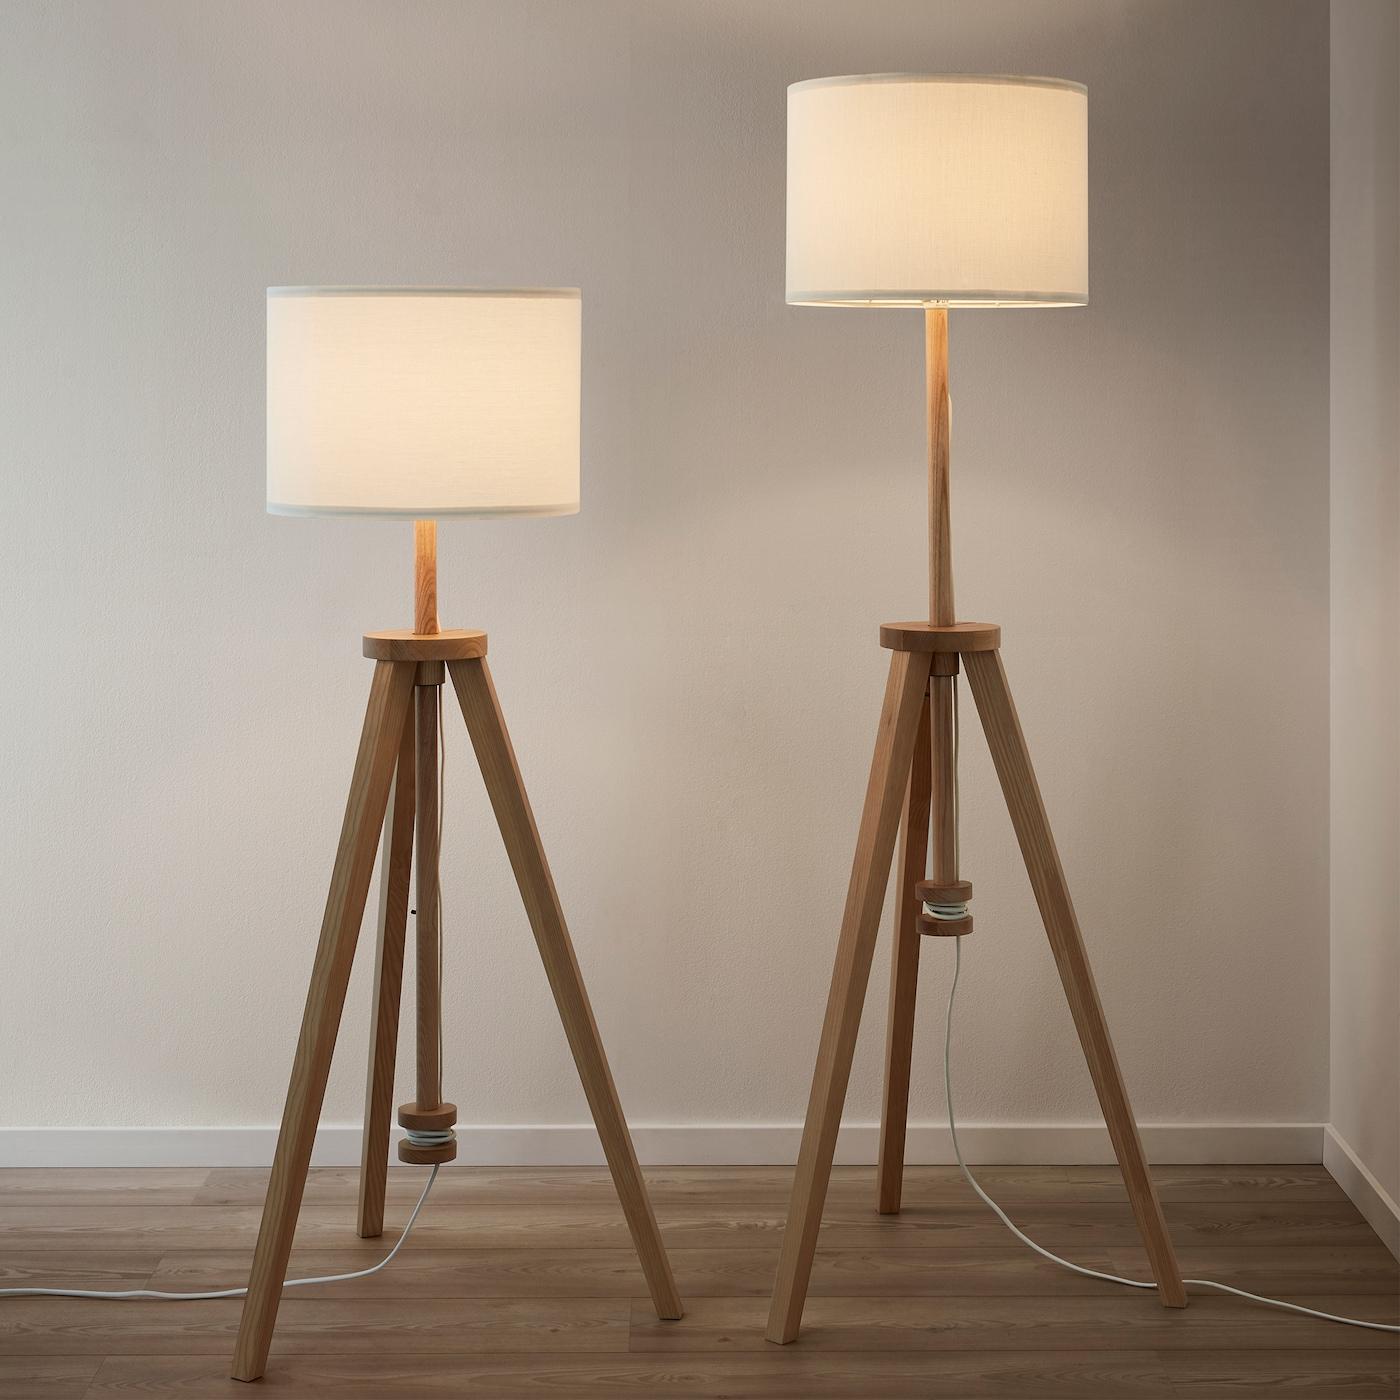 Lampadaire Frêne Blanc Design Scandinave Pieds Réglabe Lauters